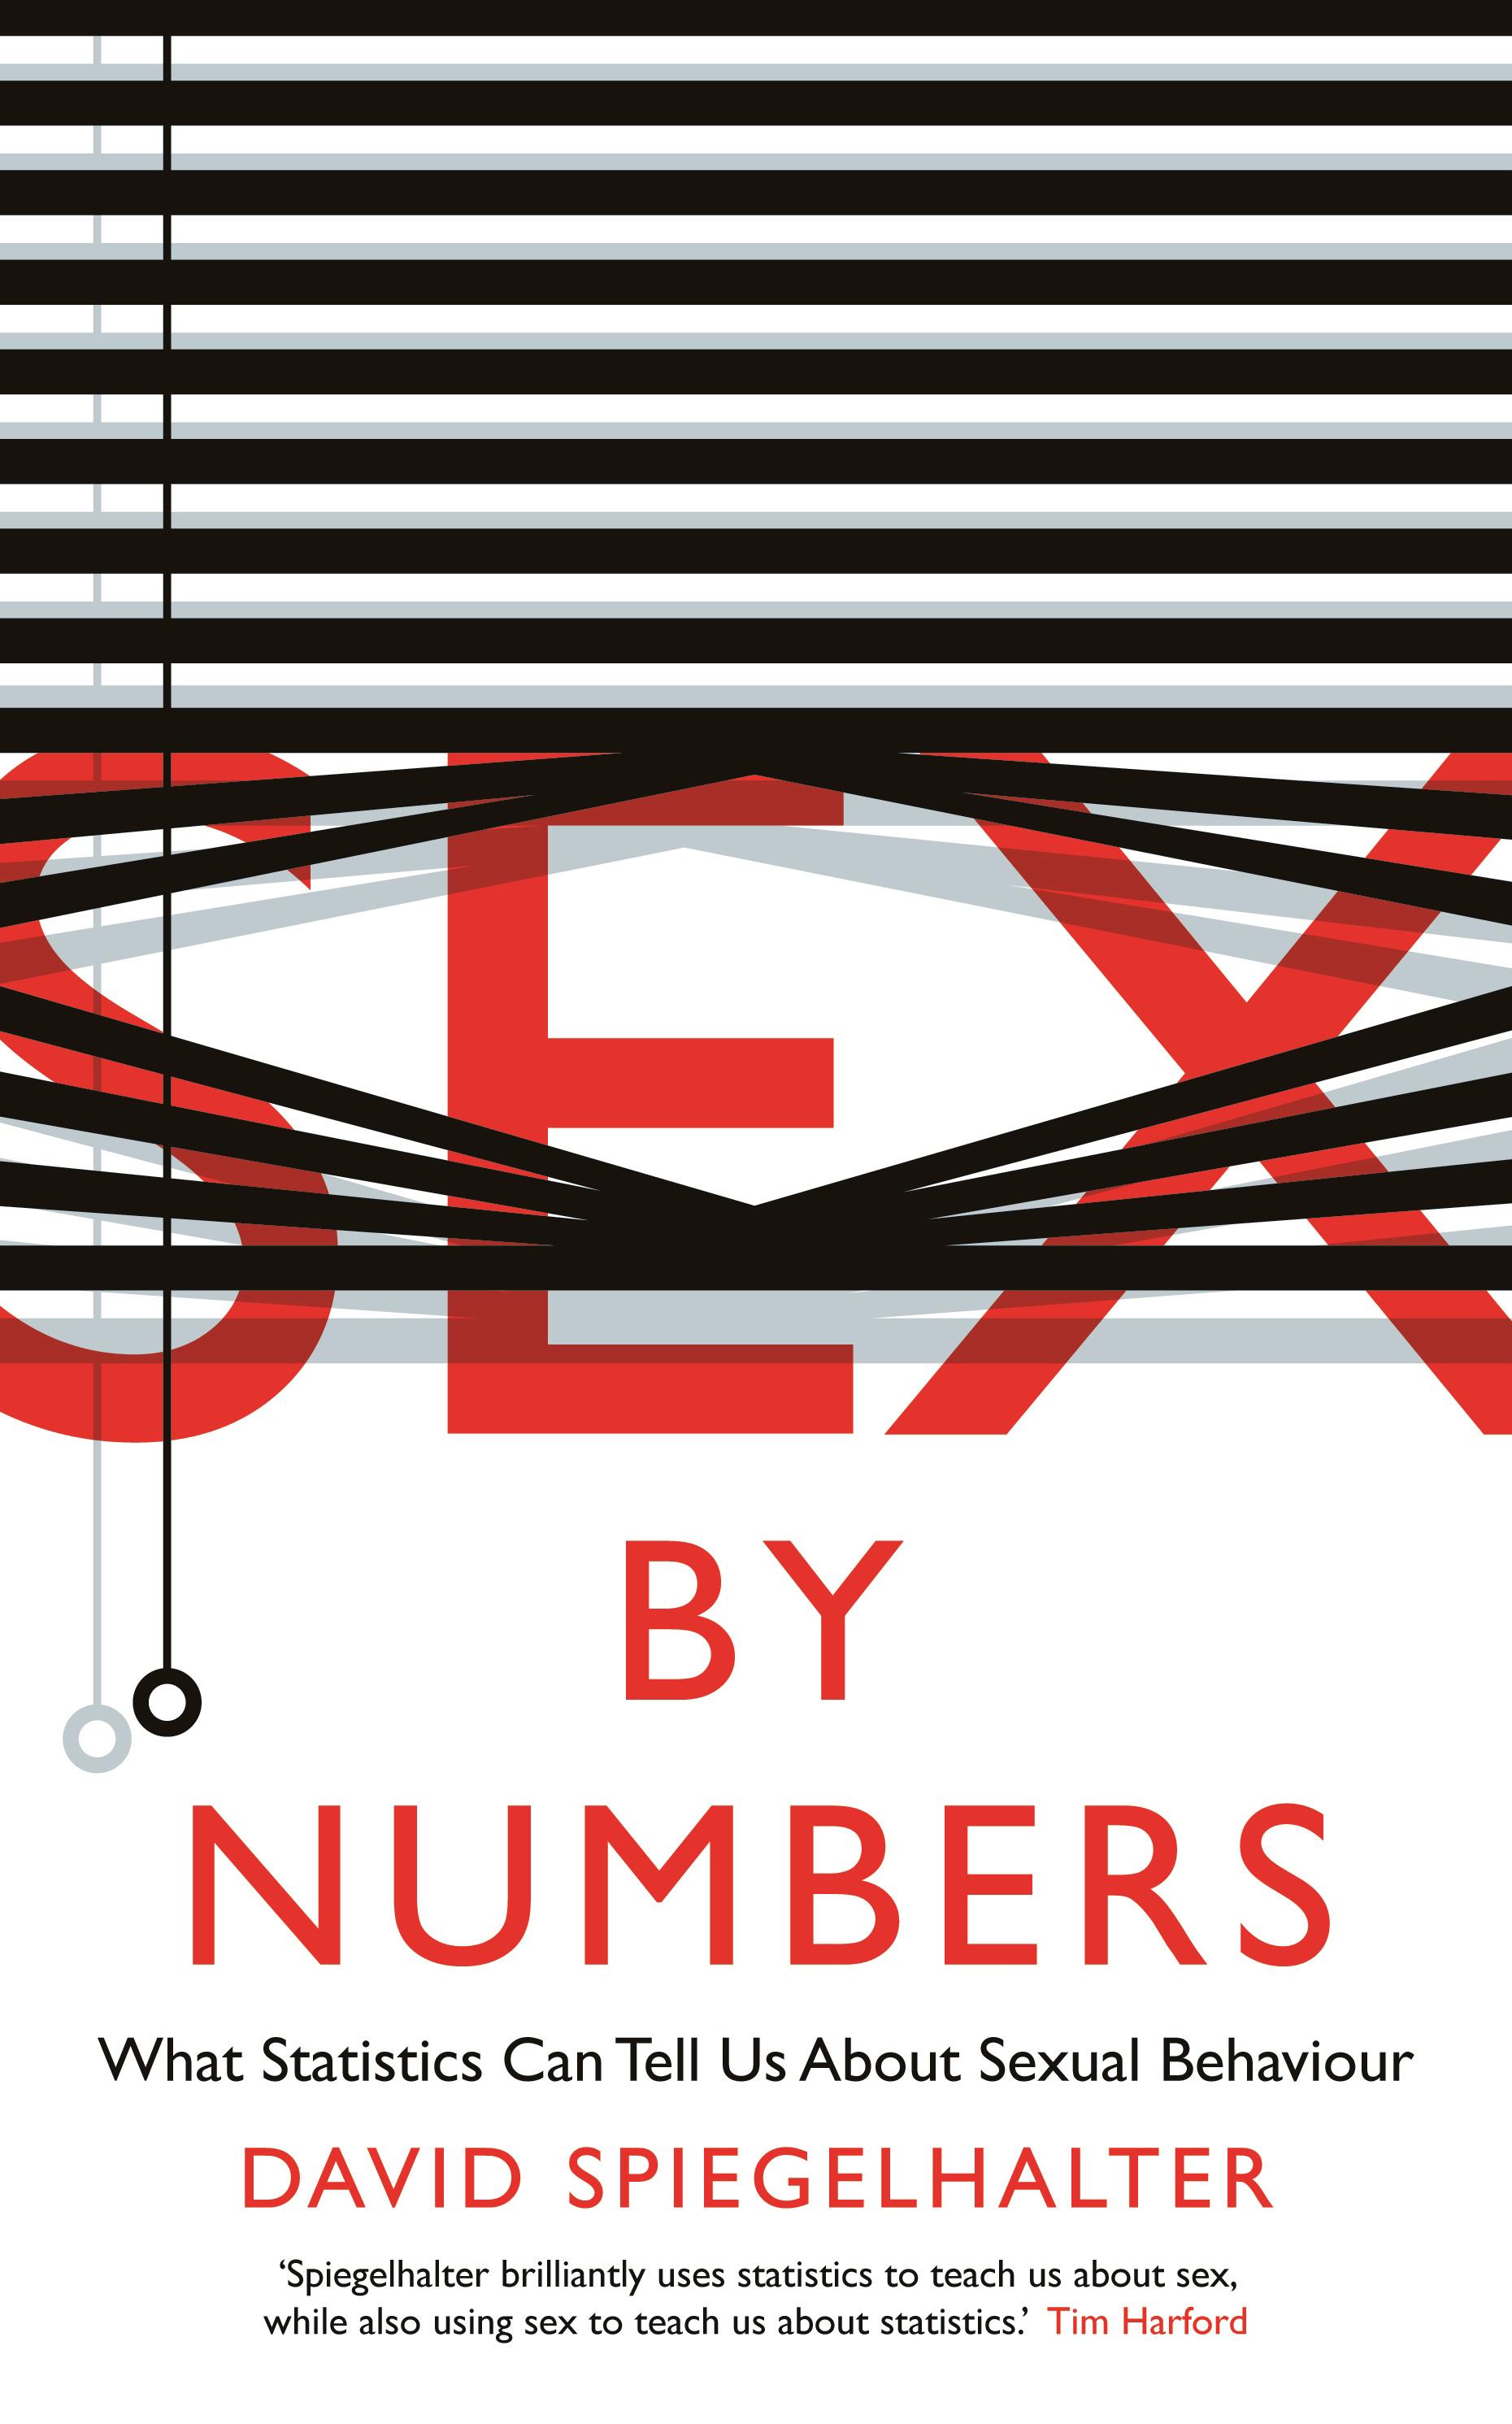 Sex by Numbers - David Spiegelhalter - 9781781253298 - Allen & Unwin